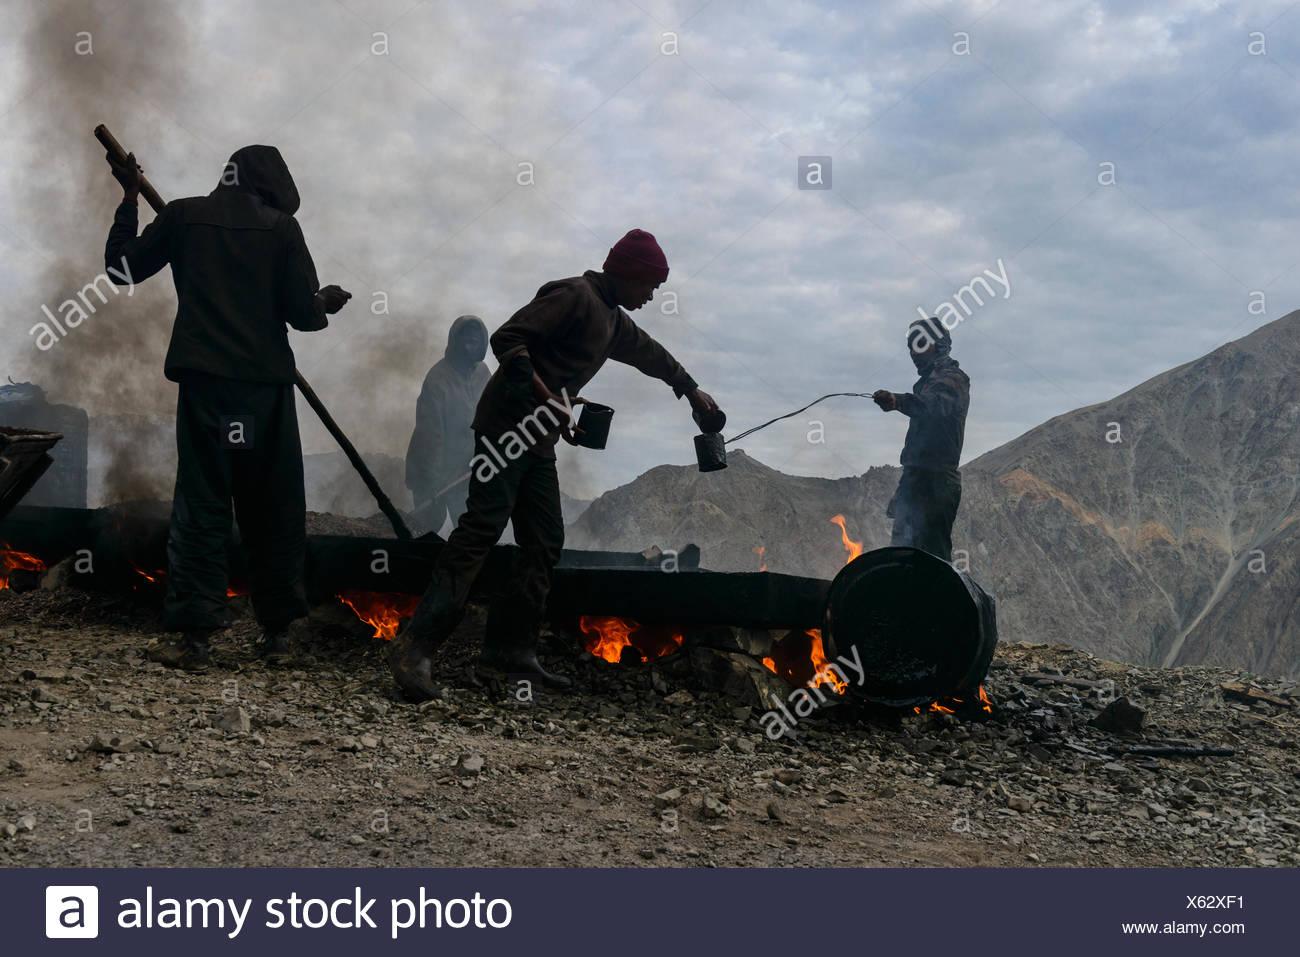 Travaux de construction de routes, fait dans de très mauvaises conditions pour les travailleurs, Leh, Ladakh, le Jammu-et-Cachemire, l'Inde Photo Stock